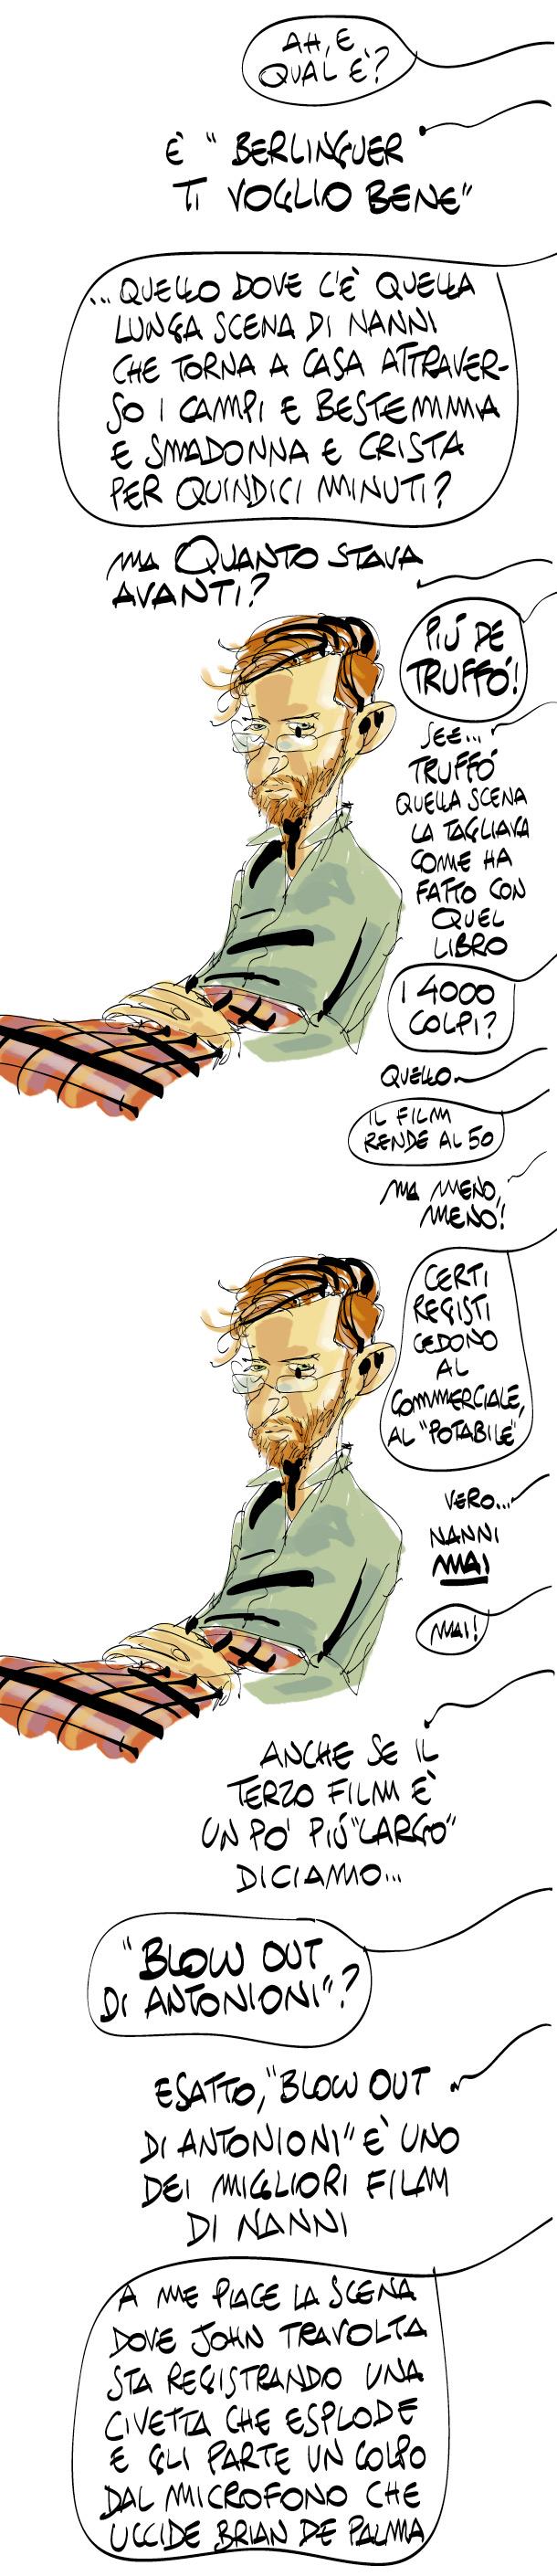 caro-nanni-3